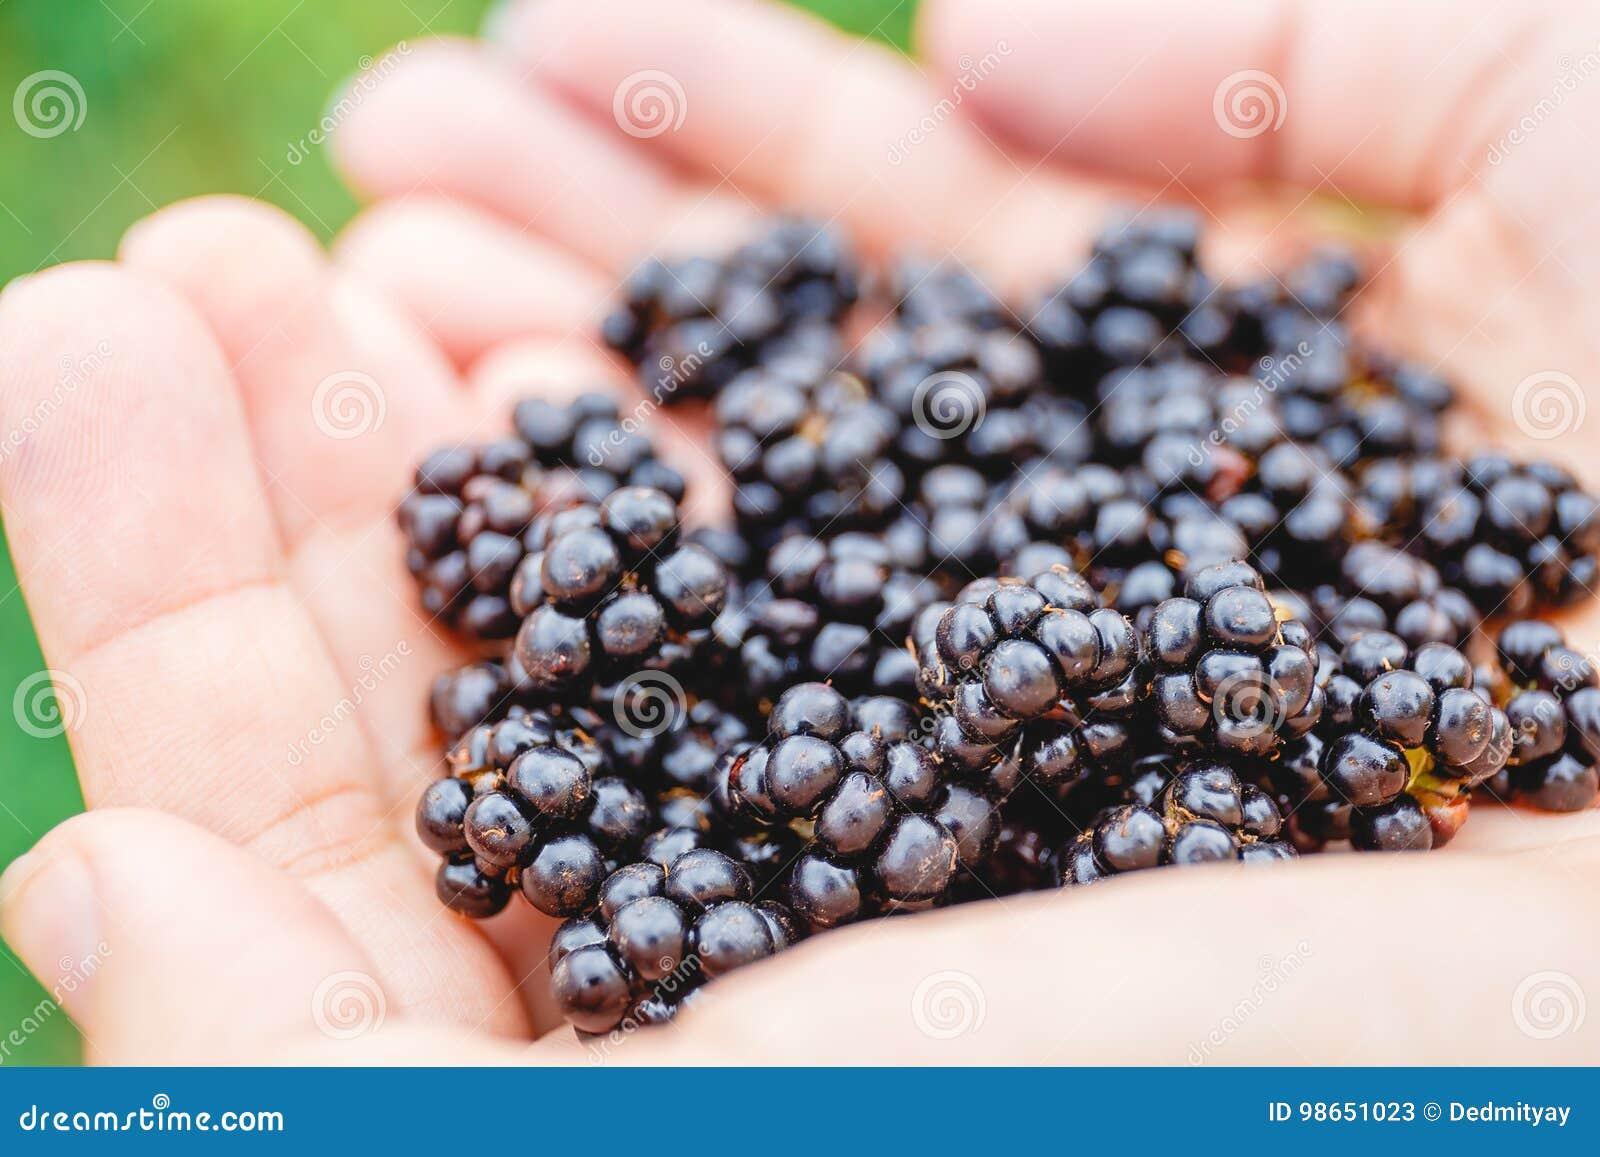 Handful of fresh blackberries in the girl`s hands